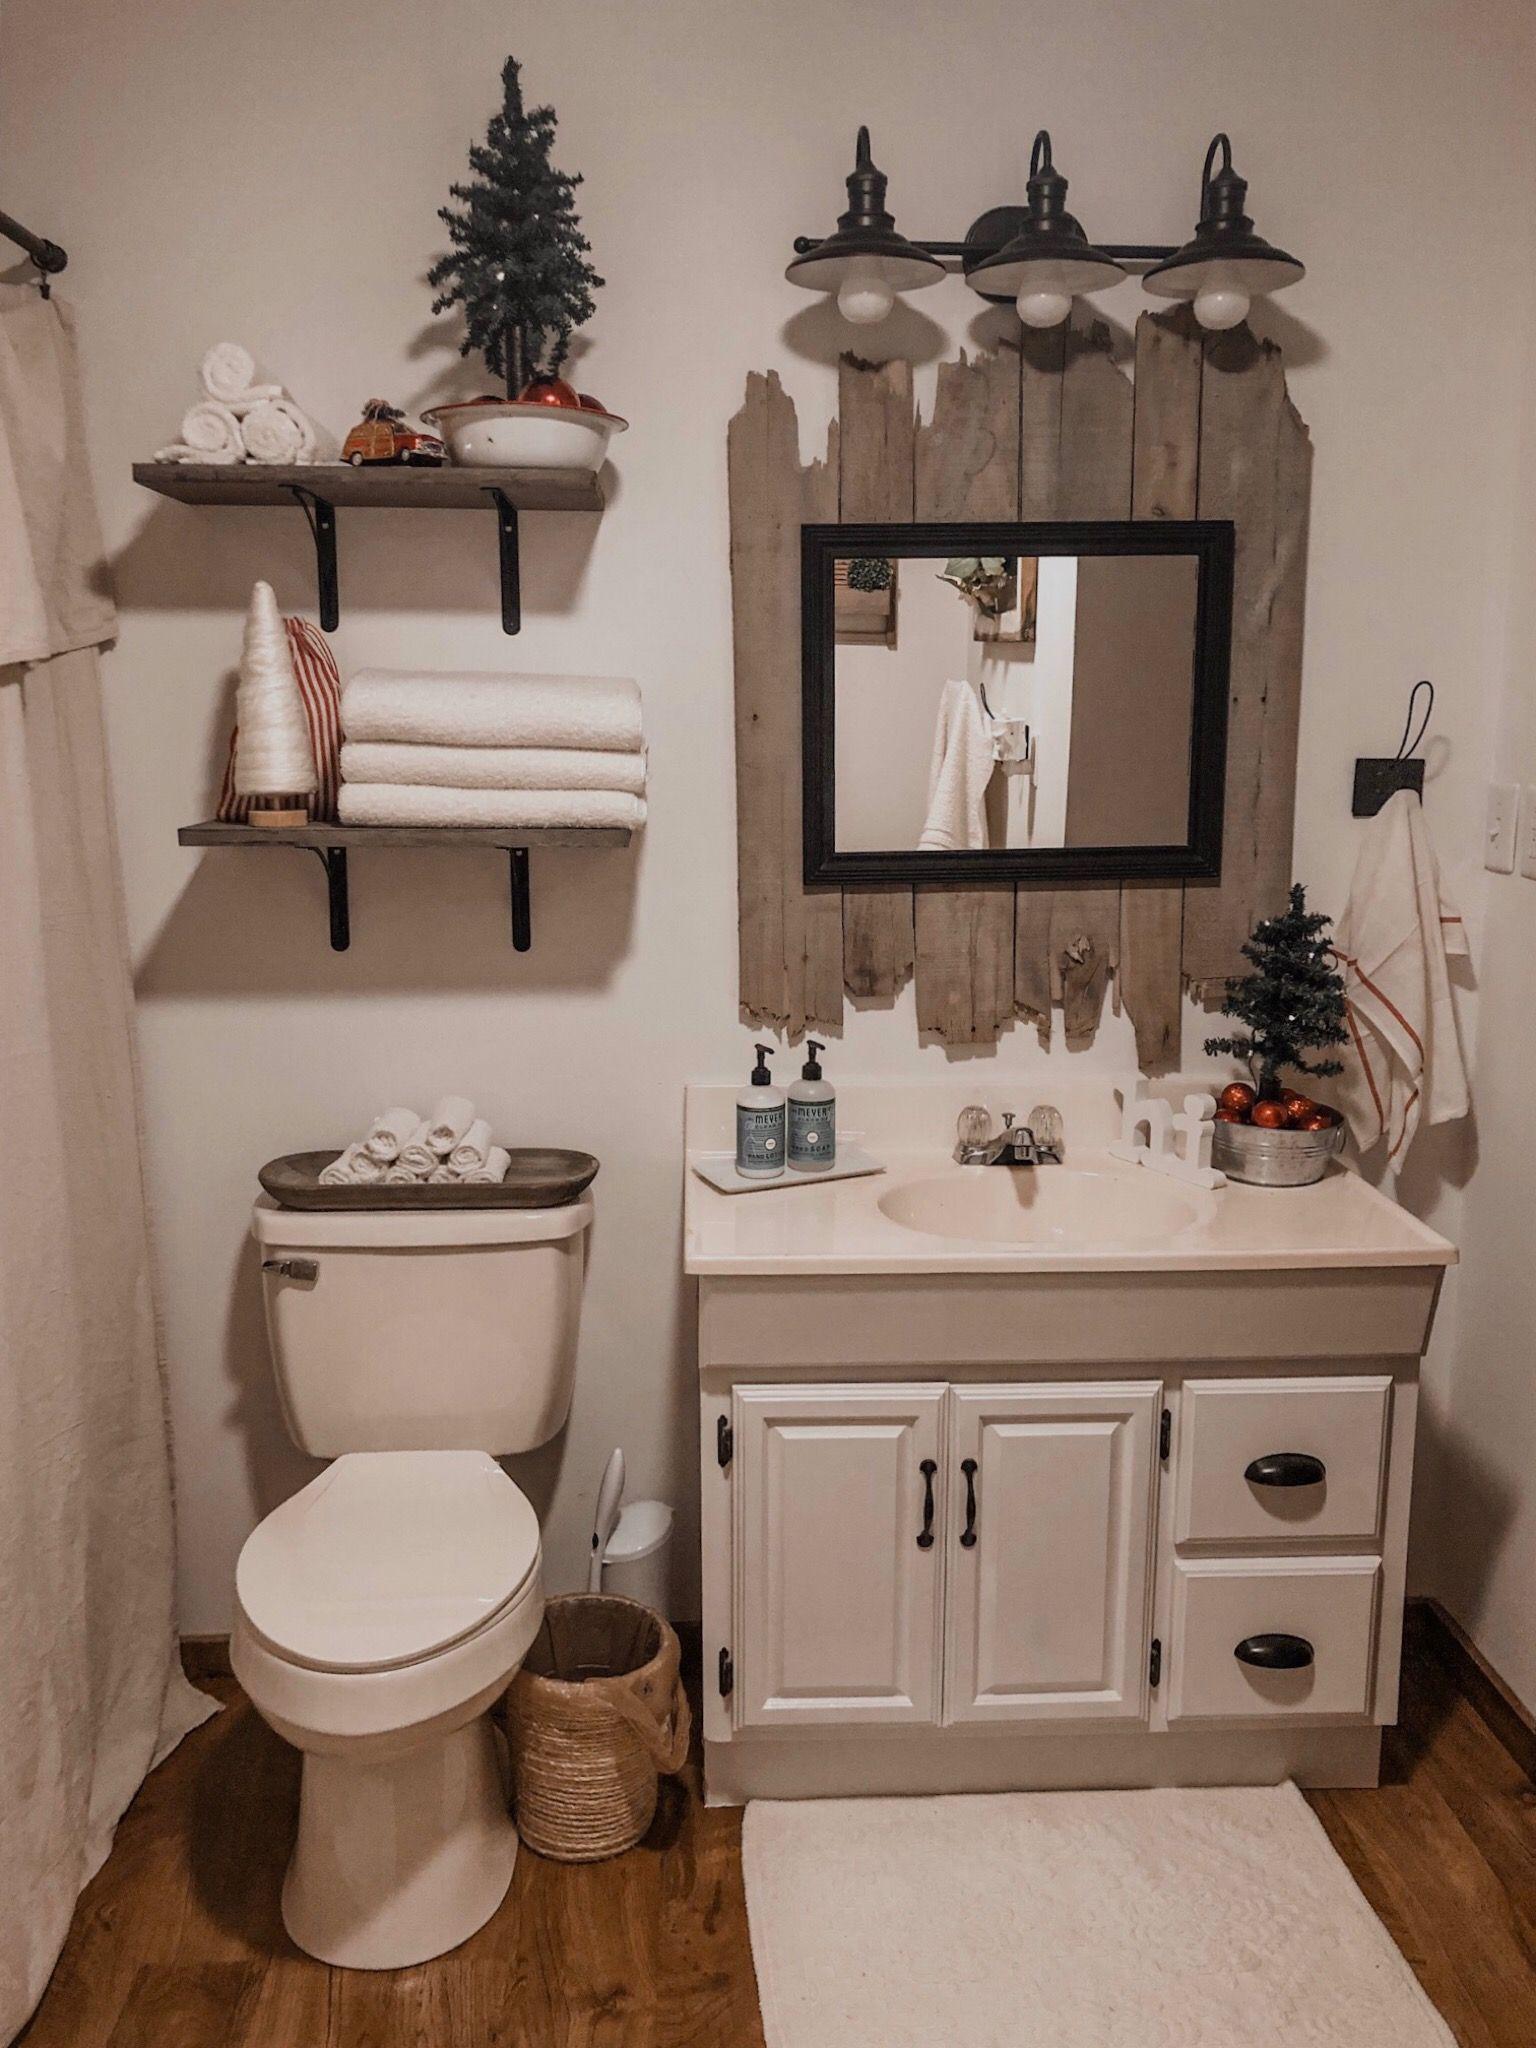 Bathroom Christmas Bathroom Decor Bathroom Decor Christmas Bathroom Farmhouse christmas bathroom decor